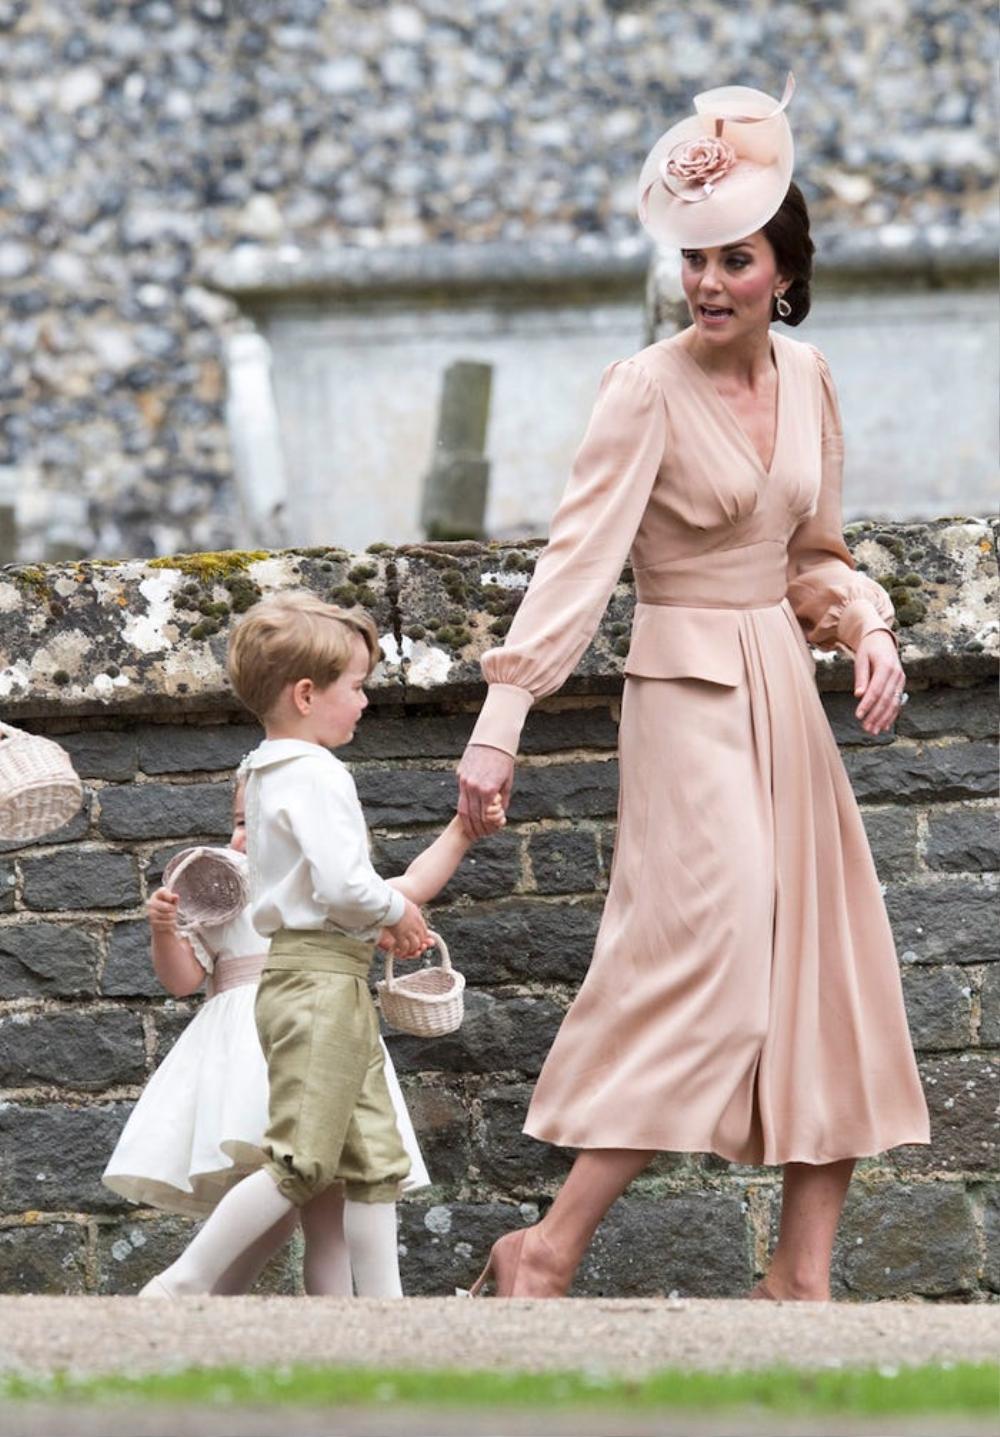 16 trang phục đắt tiền nhất mà thành viên hoàng gia Anh từng mặc Ảnh 7